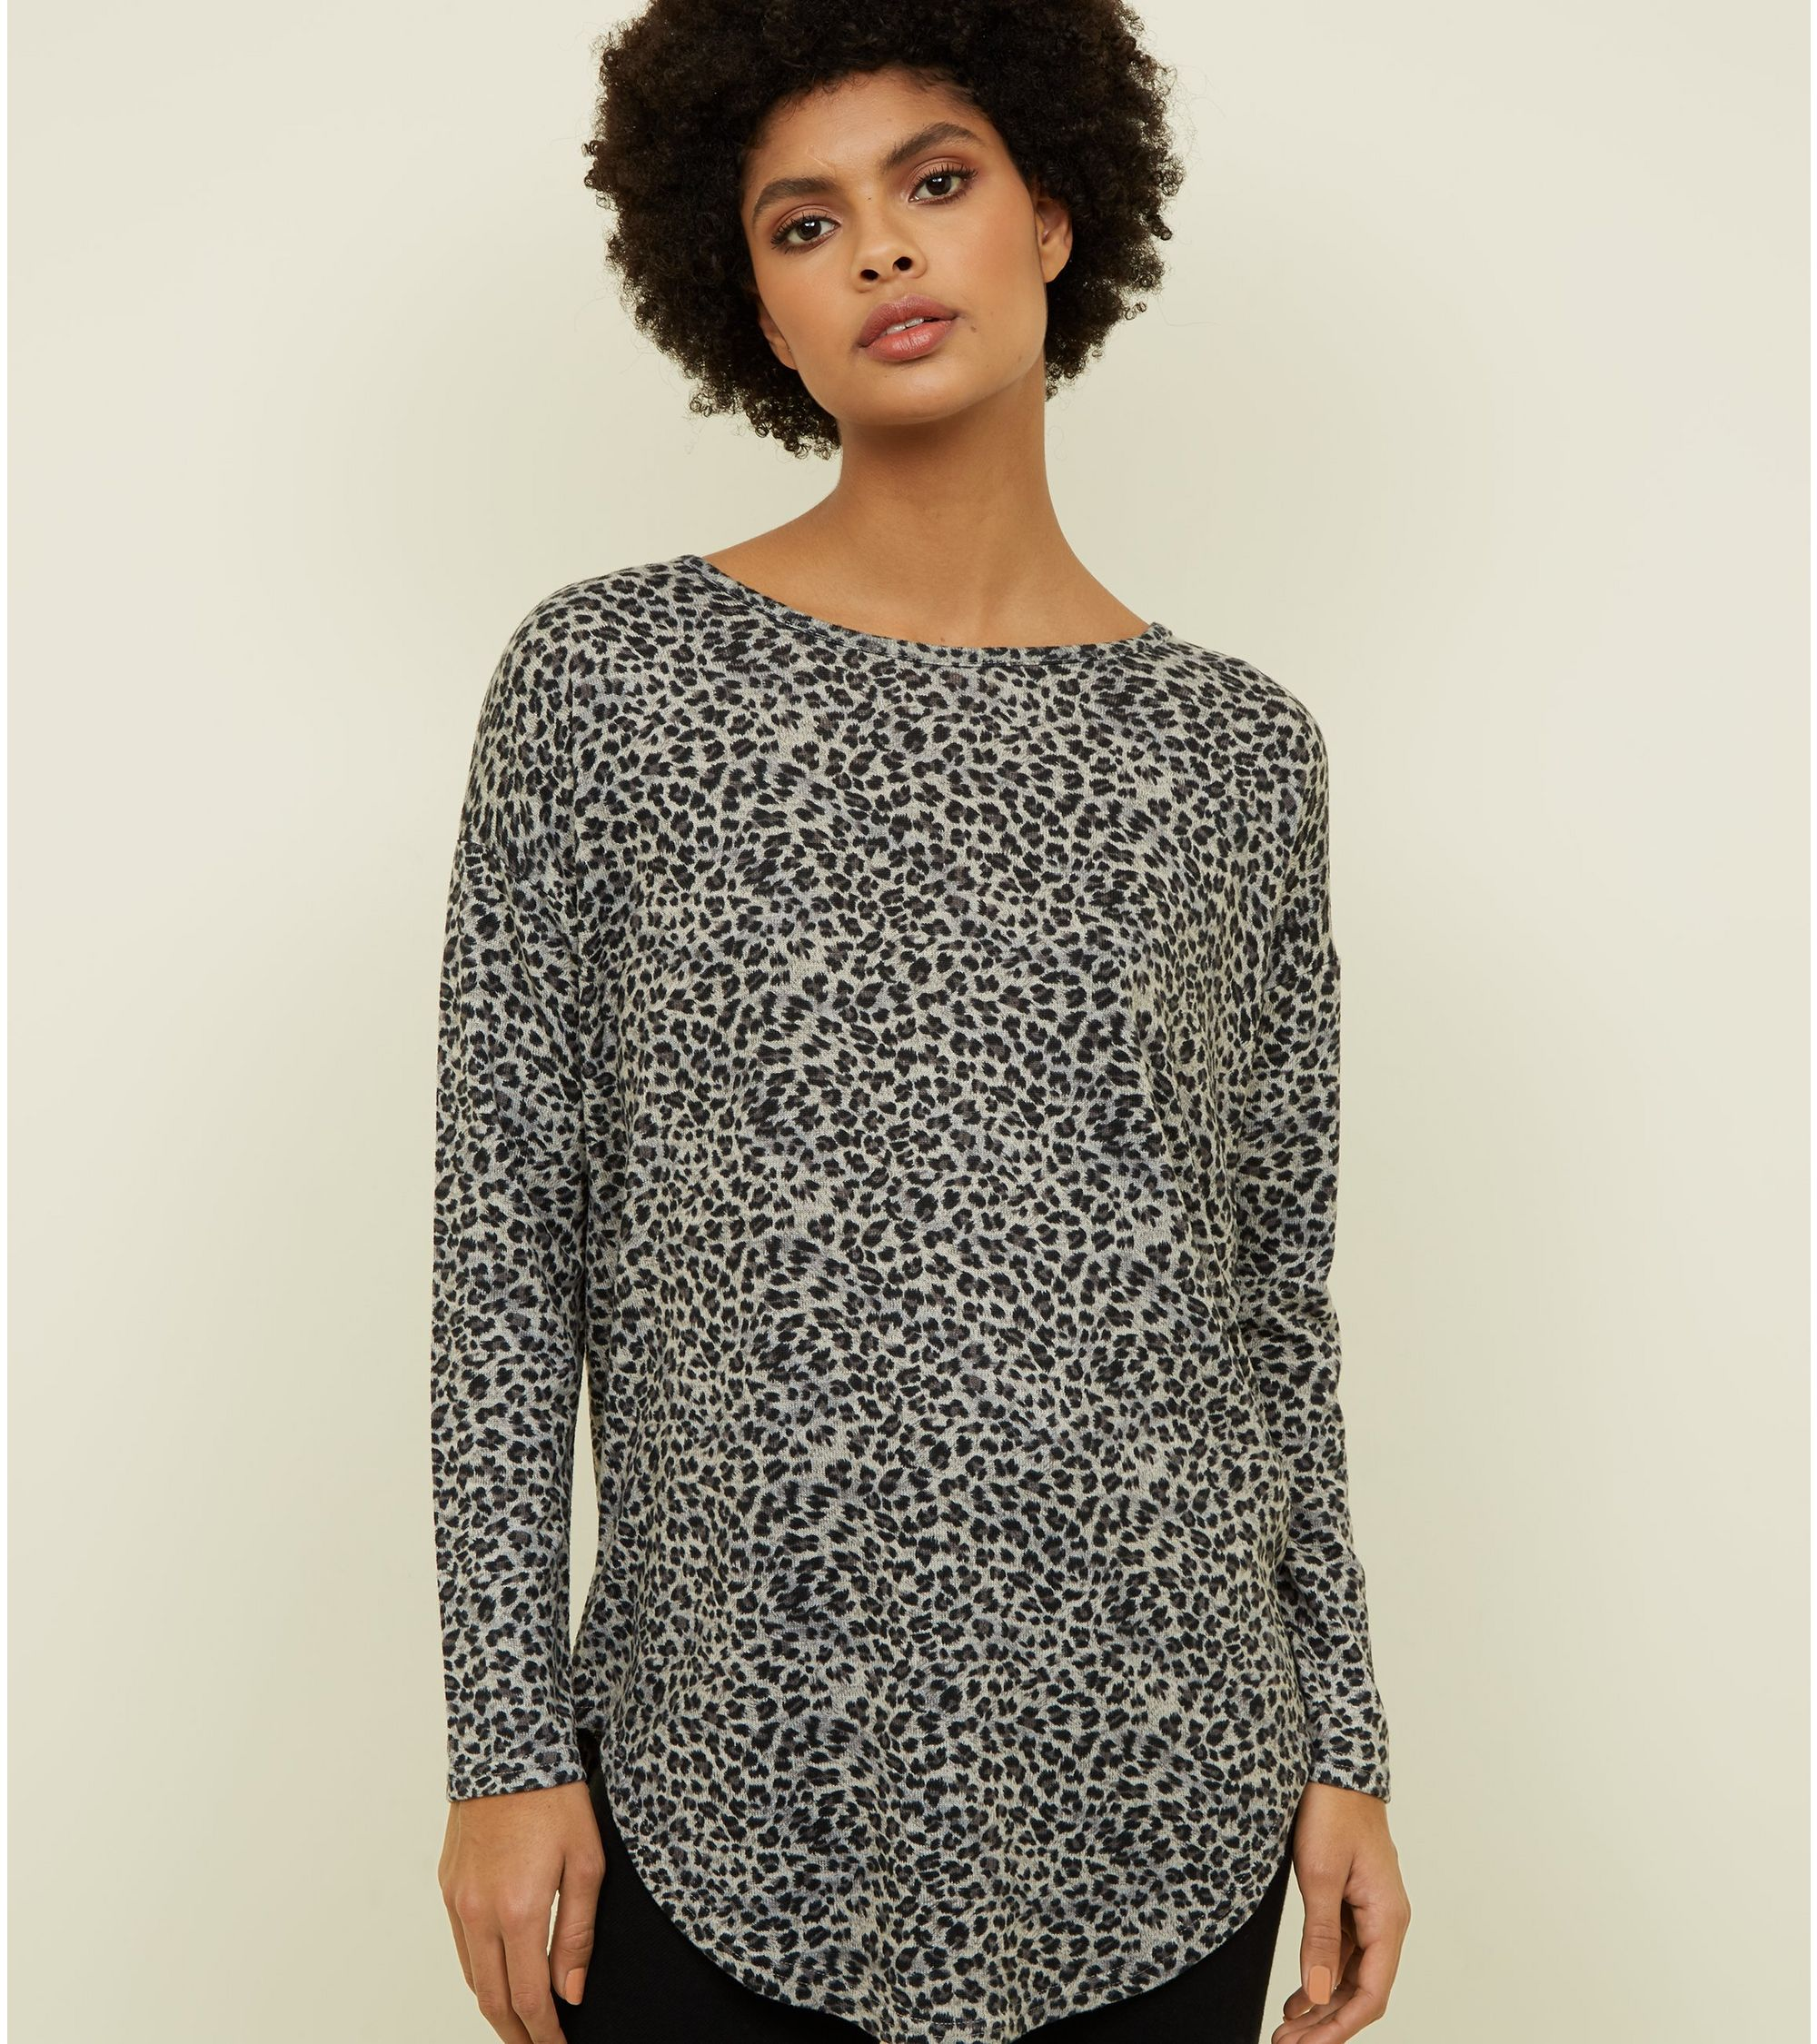 68298043cf37 New Look Light Grey Zip Back Leopard Print Top at £17.99